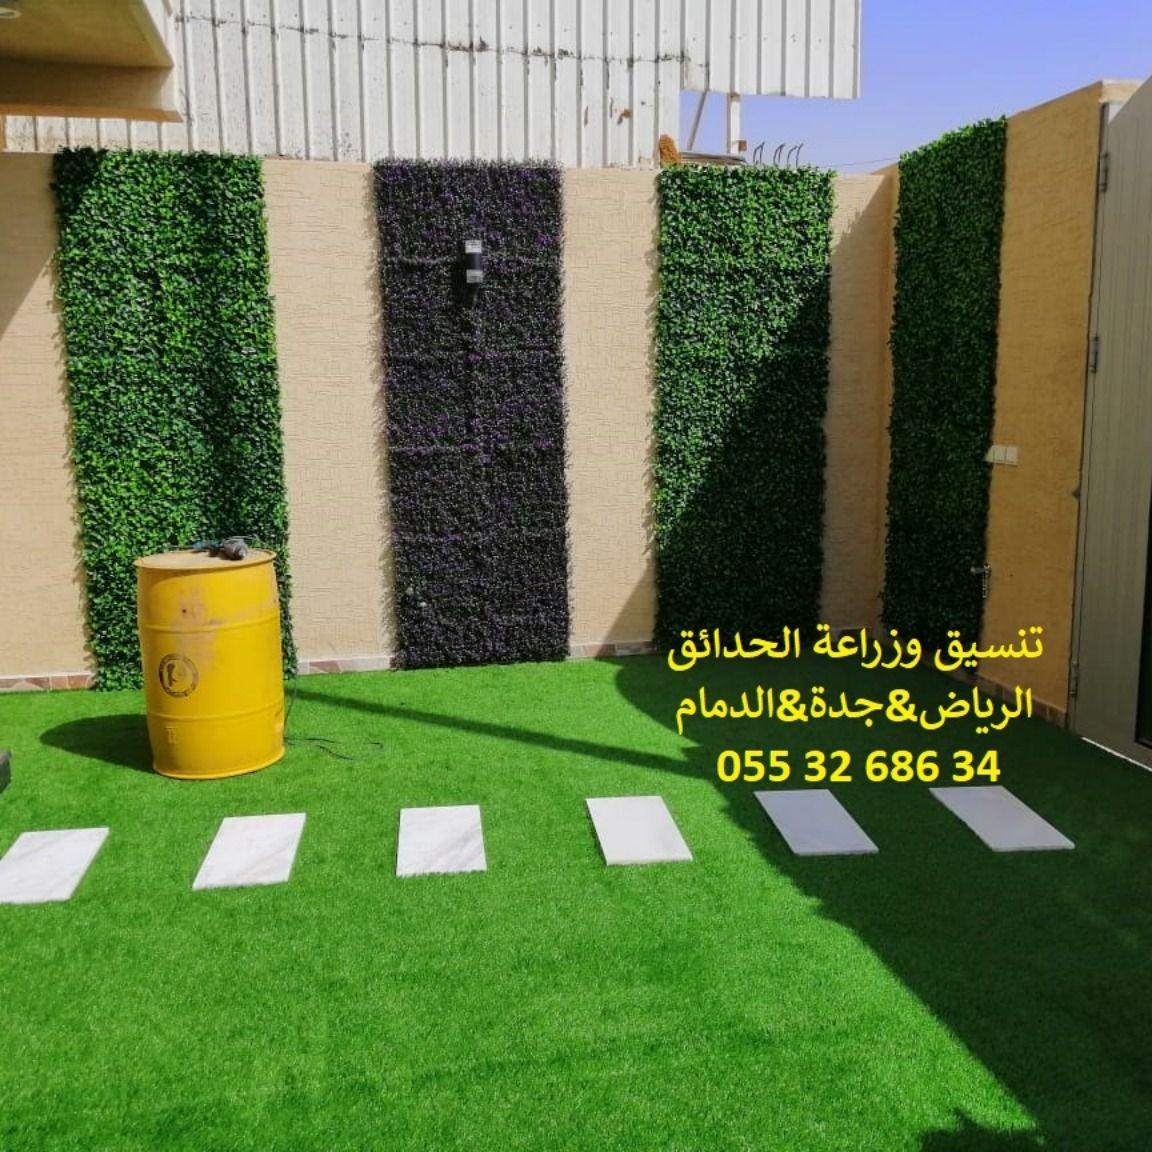 تصميم حدائق وشلالات تصميم حدائق ومتنزهات تصميم حدائق ومزارع تصميم حدائق ومنتزهات تصميم حدائق بالرياض Outdoor Flower Garden Garden